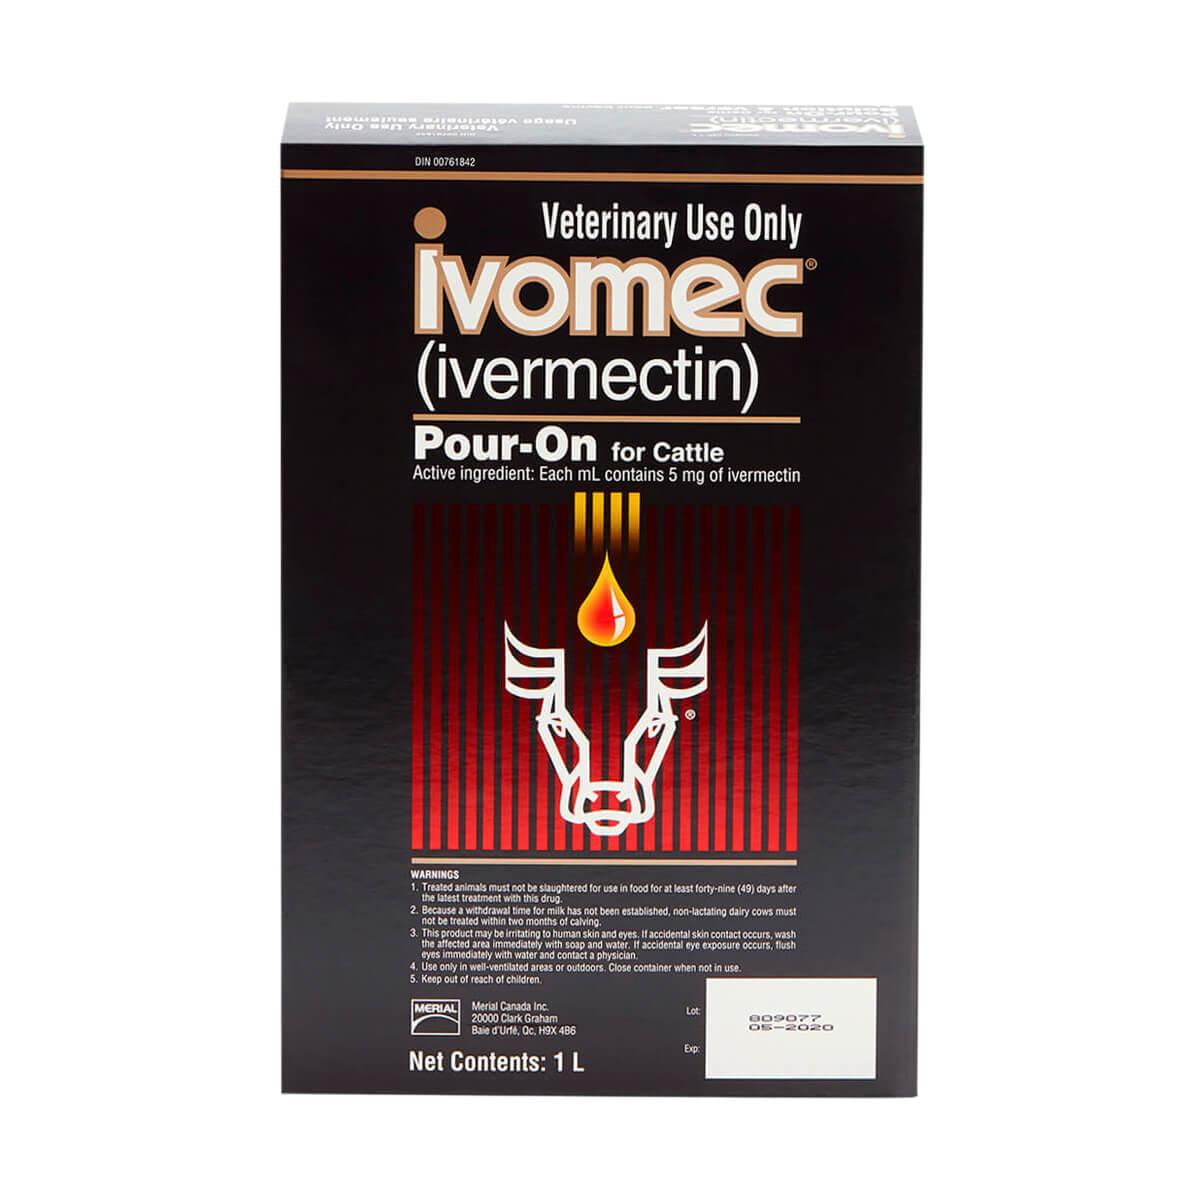 Ivomec Pour-on - 20 L